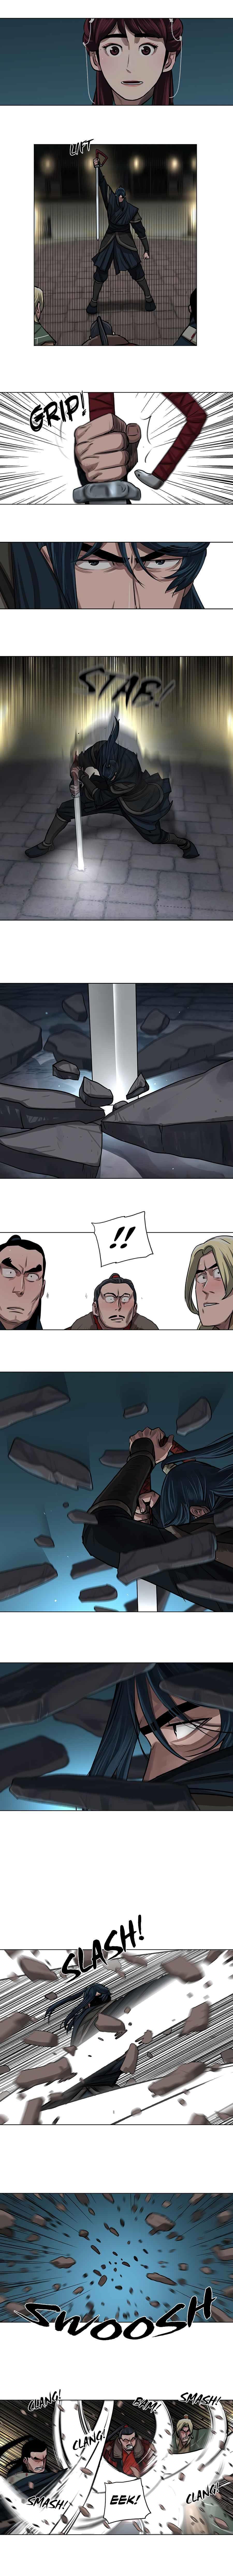 Escort Warrior Chapter 25 page 7 - Mangakakalots.com